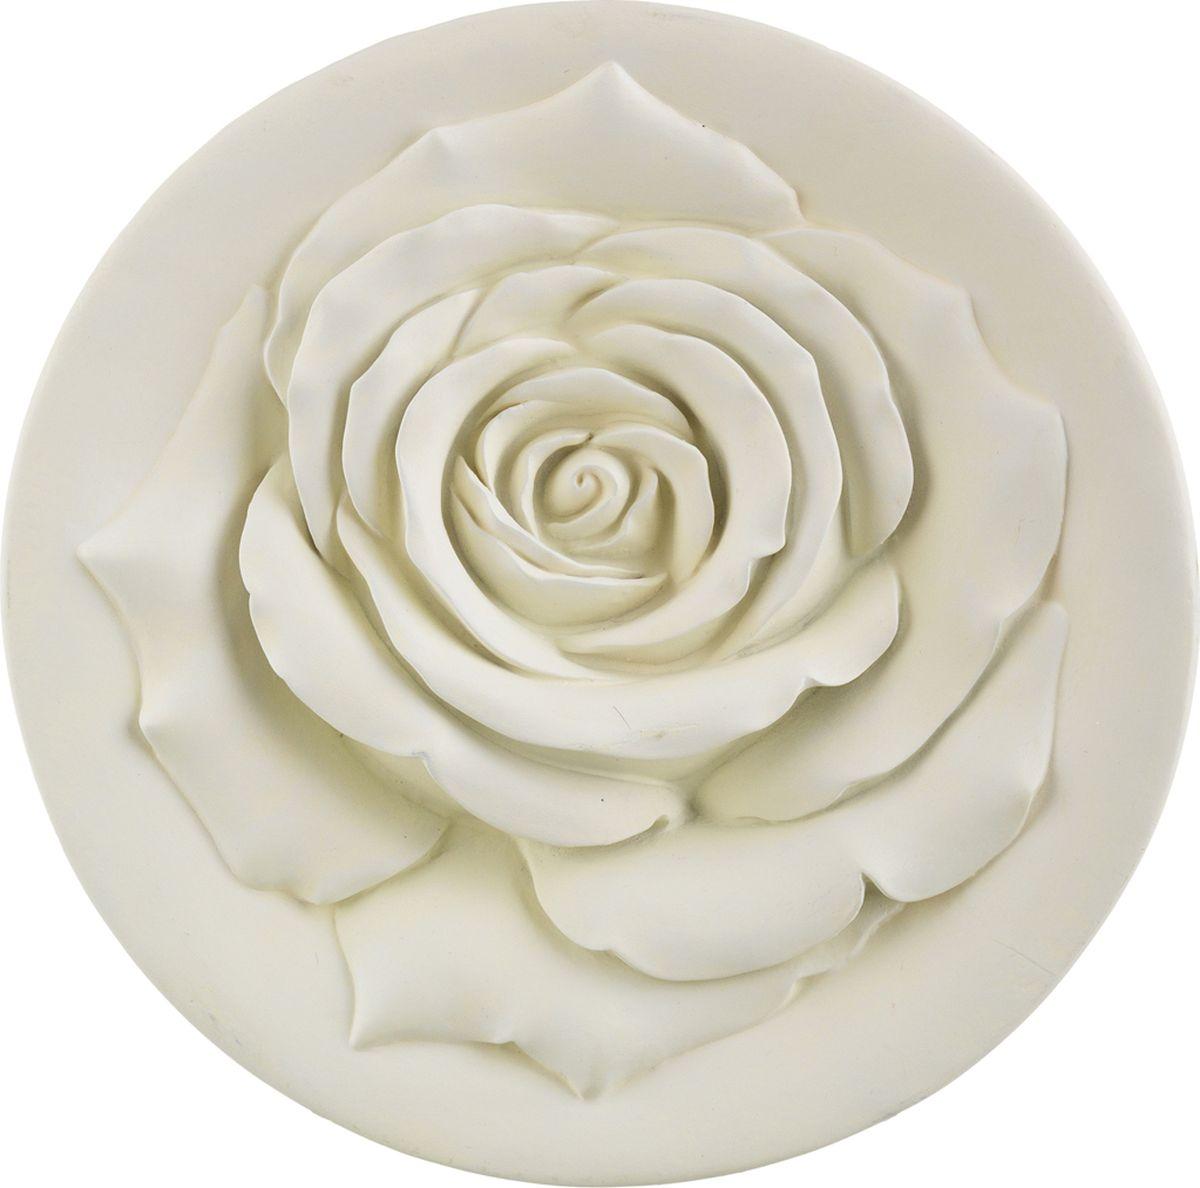 Панно Lefard, цвет: белый, 27 х 27 х 4,5 см. K20W026 dress 0121342 67